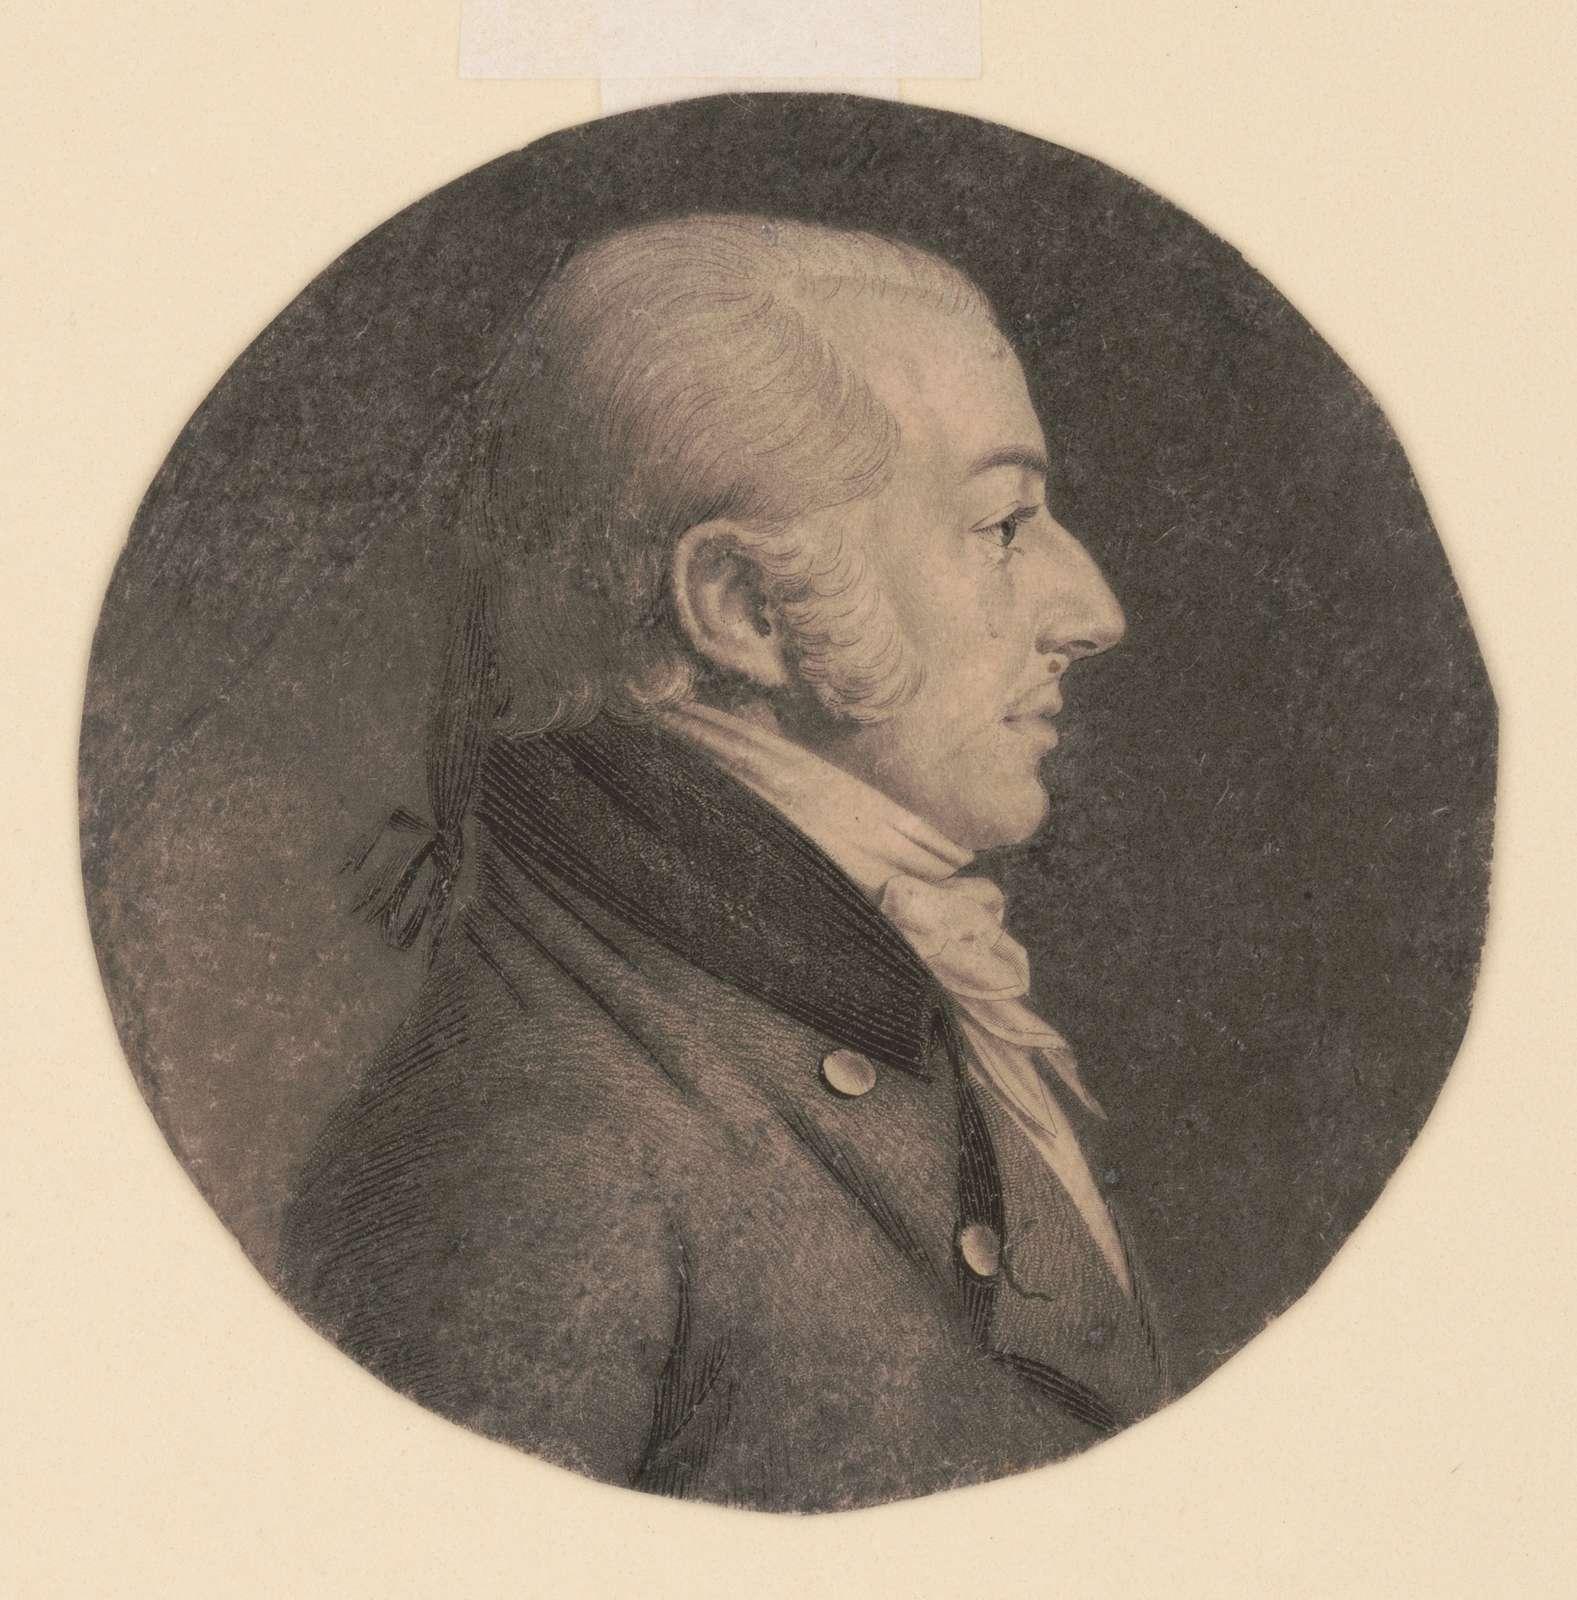 John Rhea Smith, head-and-shoulders portrait, right profile